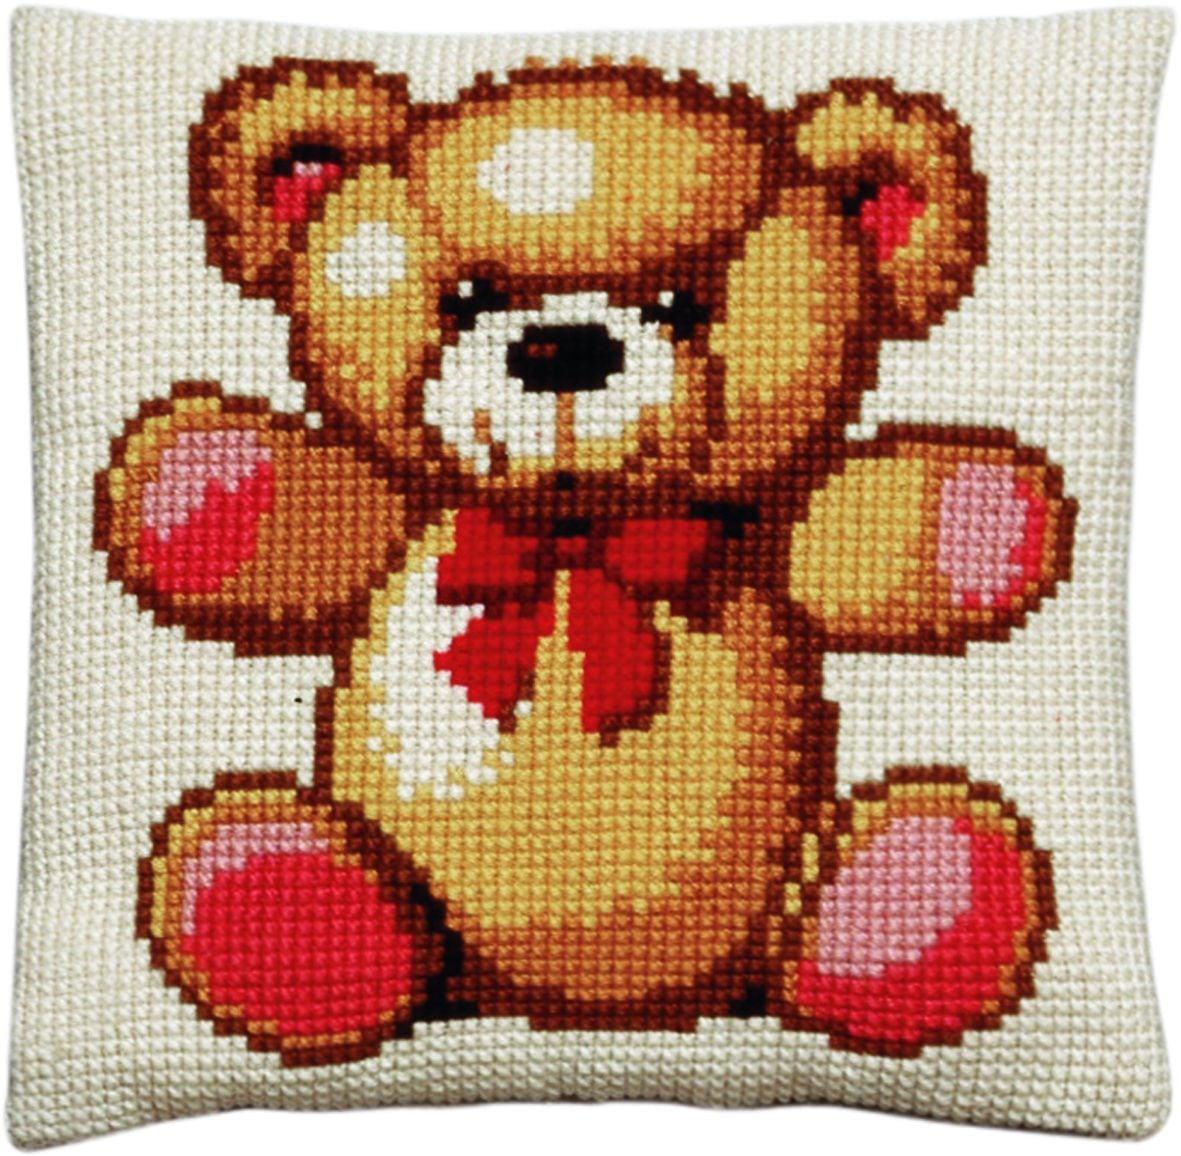 cross stitch cushion teddy printed